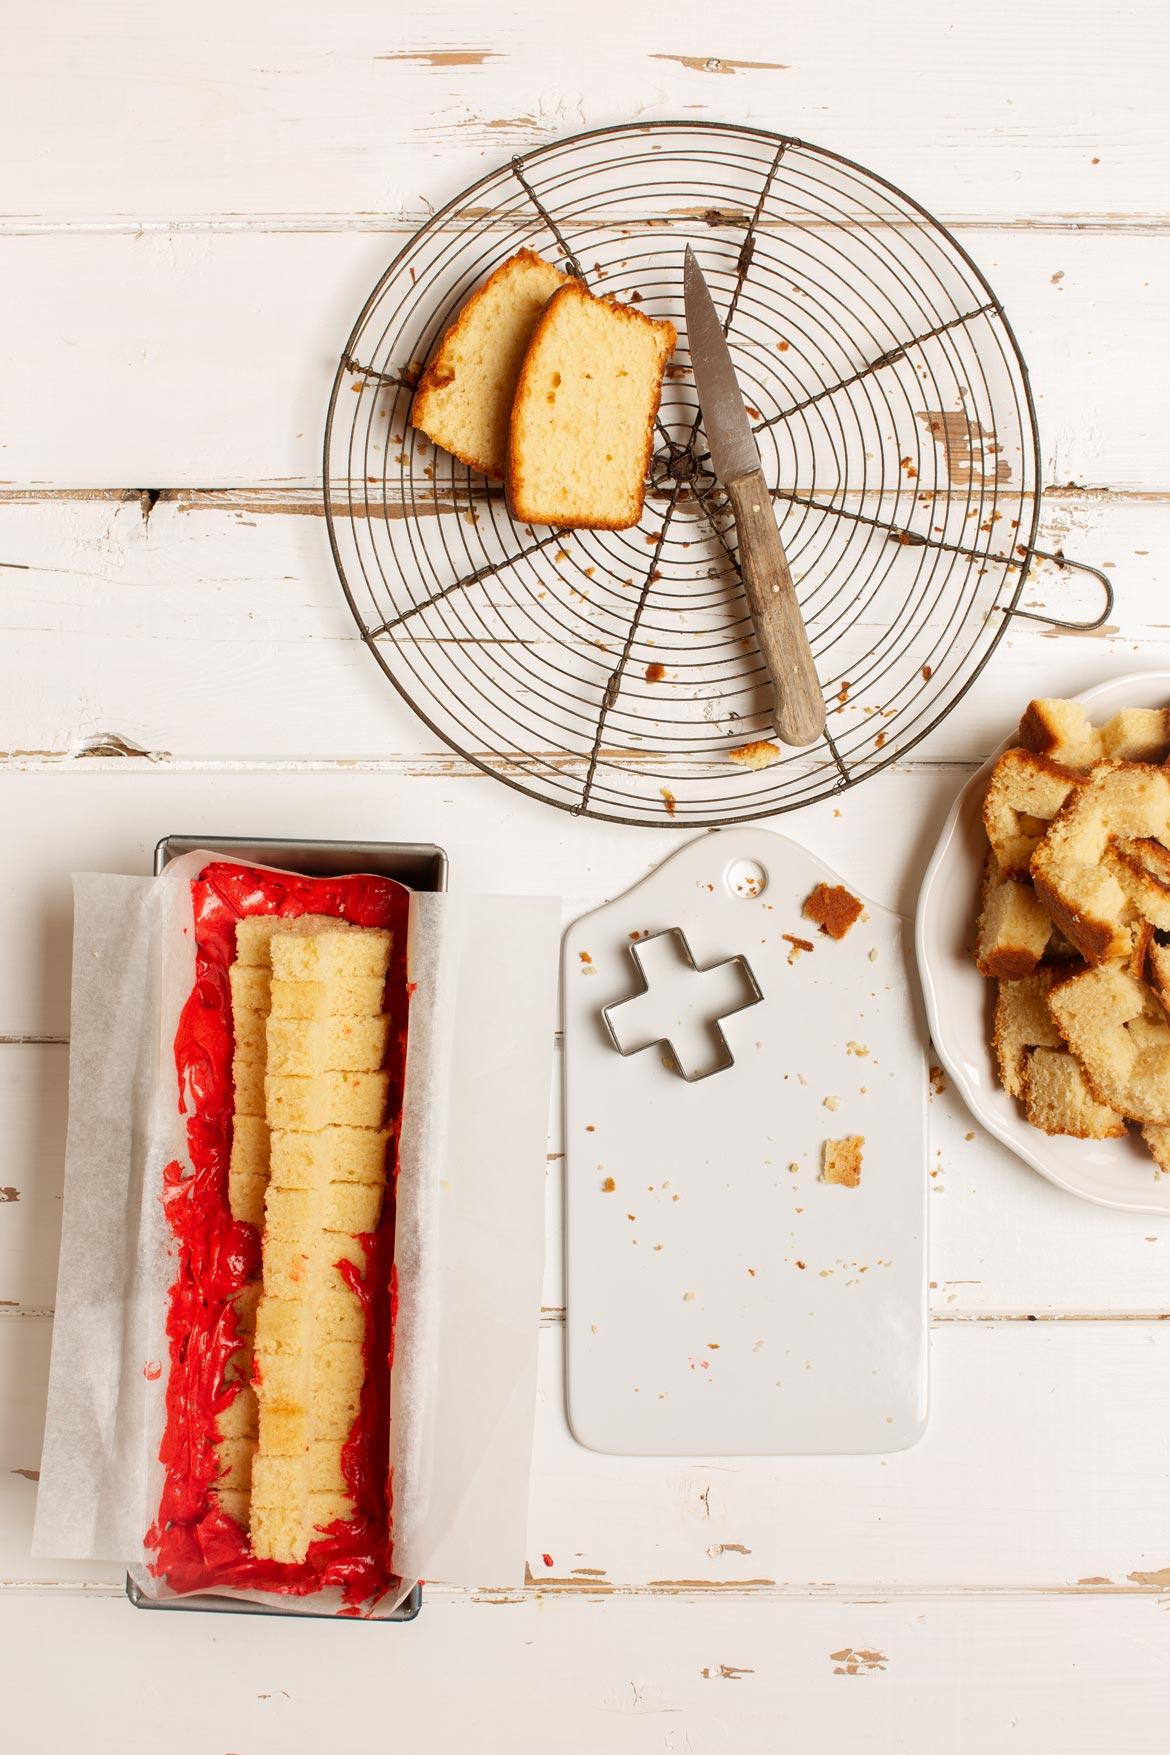 kreuz im kuchen, überraschungskuchen, kuchen mit motiv innen, 1. august, nationalfeiertag